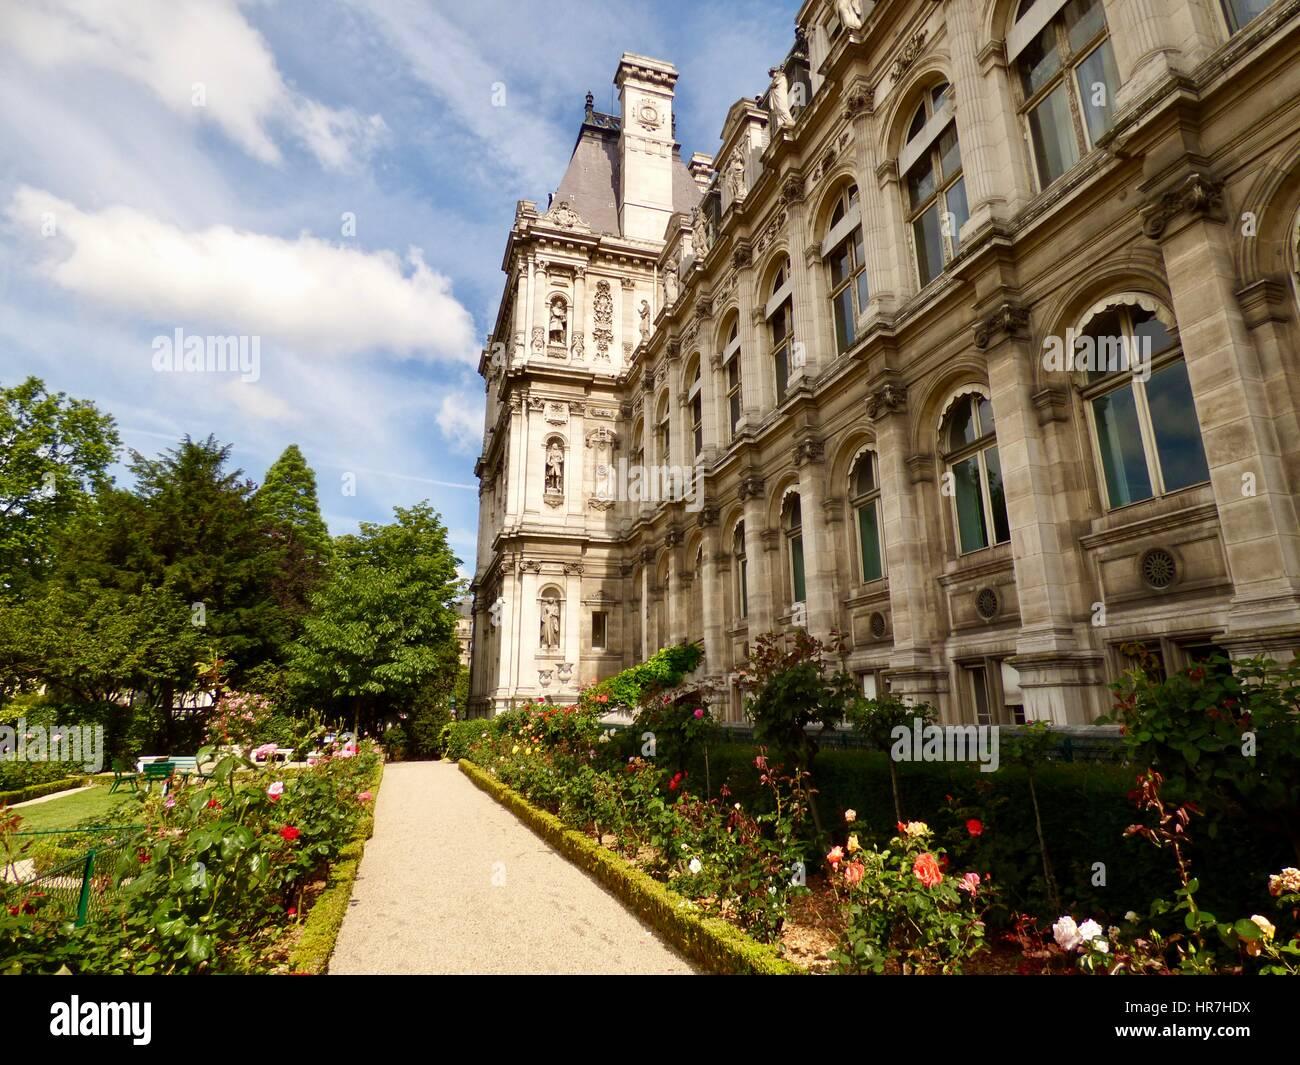 Roses in bloom in the side garden of the Mairie de Paris, Hôtel de ...